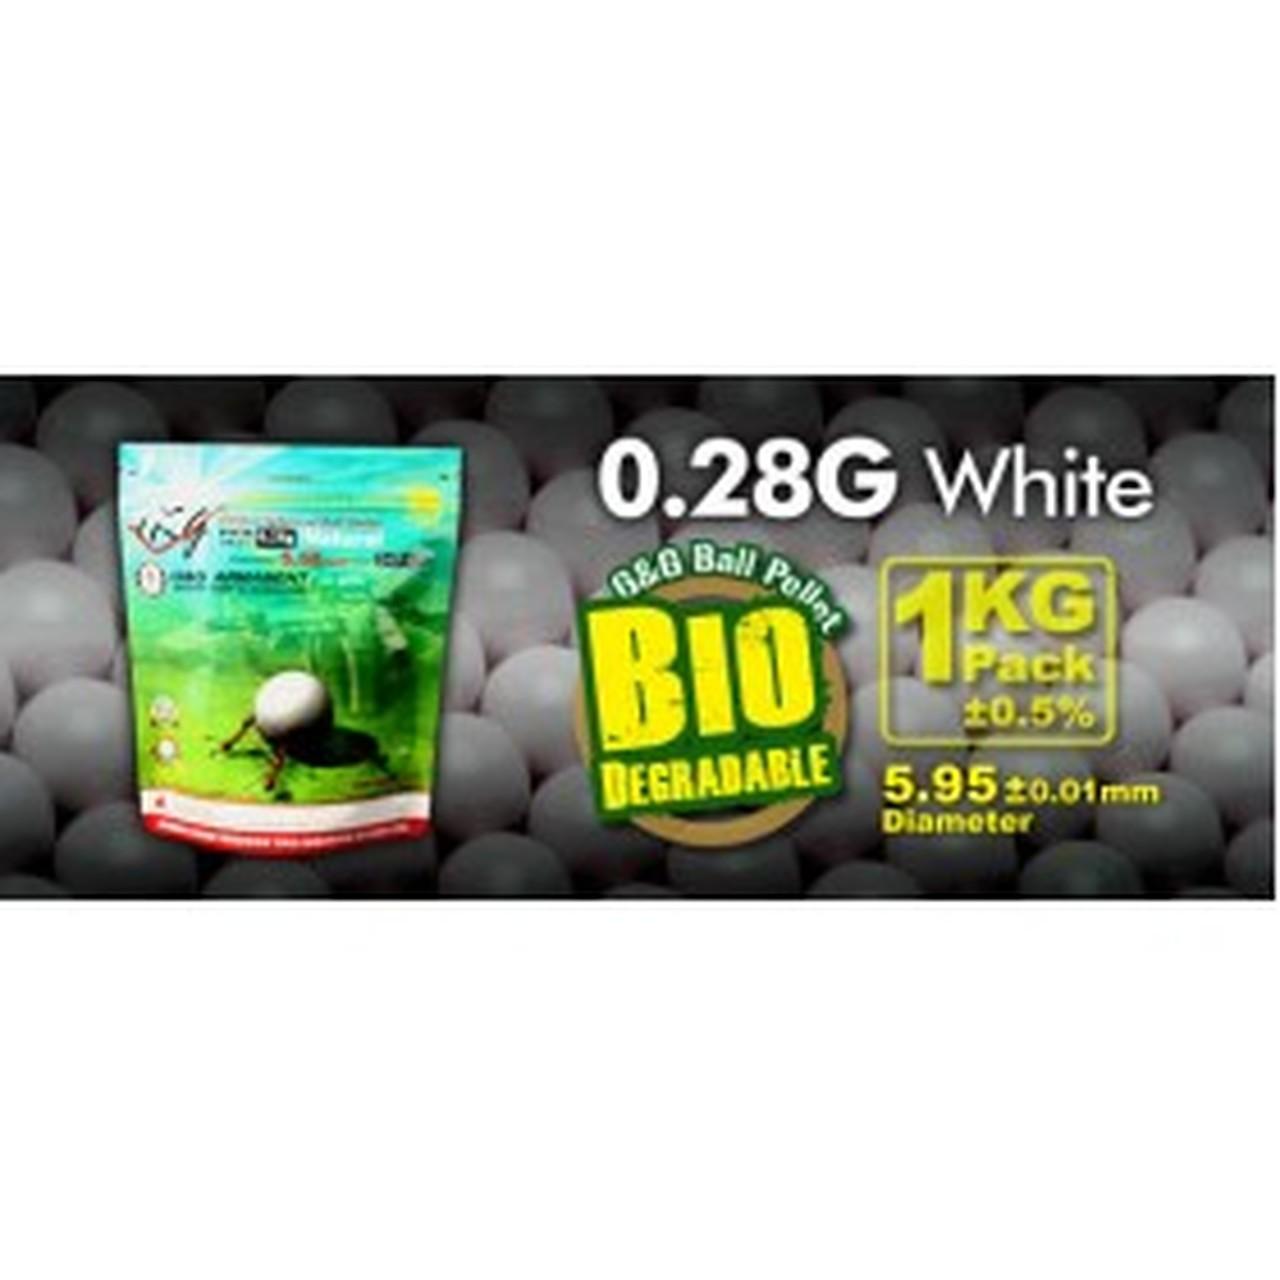 G&G Bio BB 0.28g - 1KG - 3600 Count